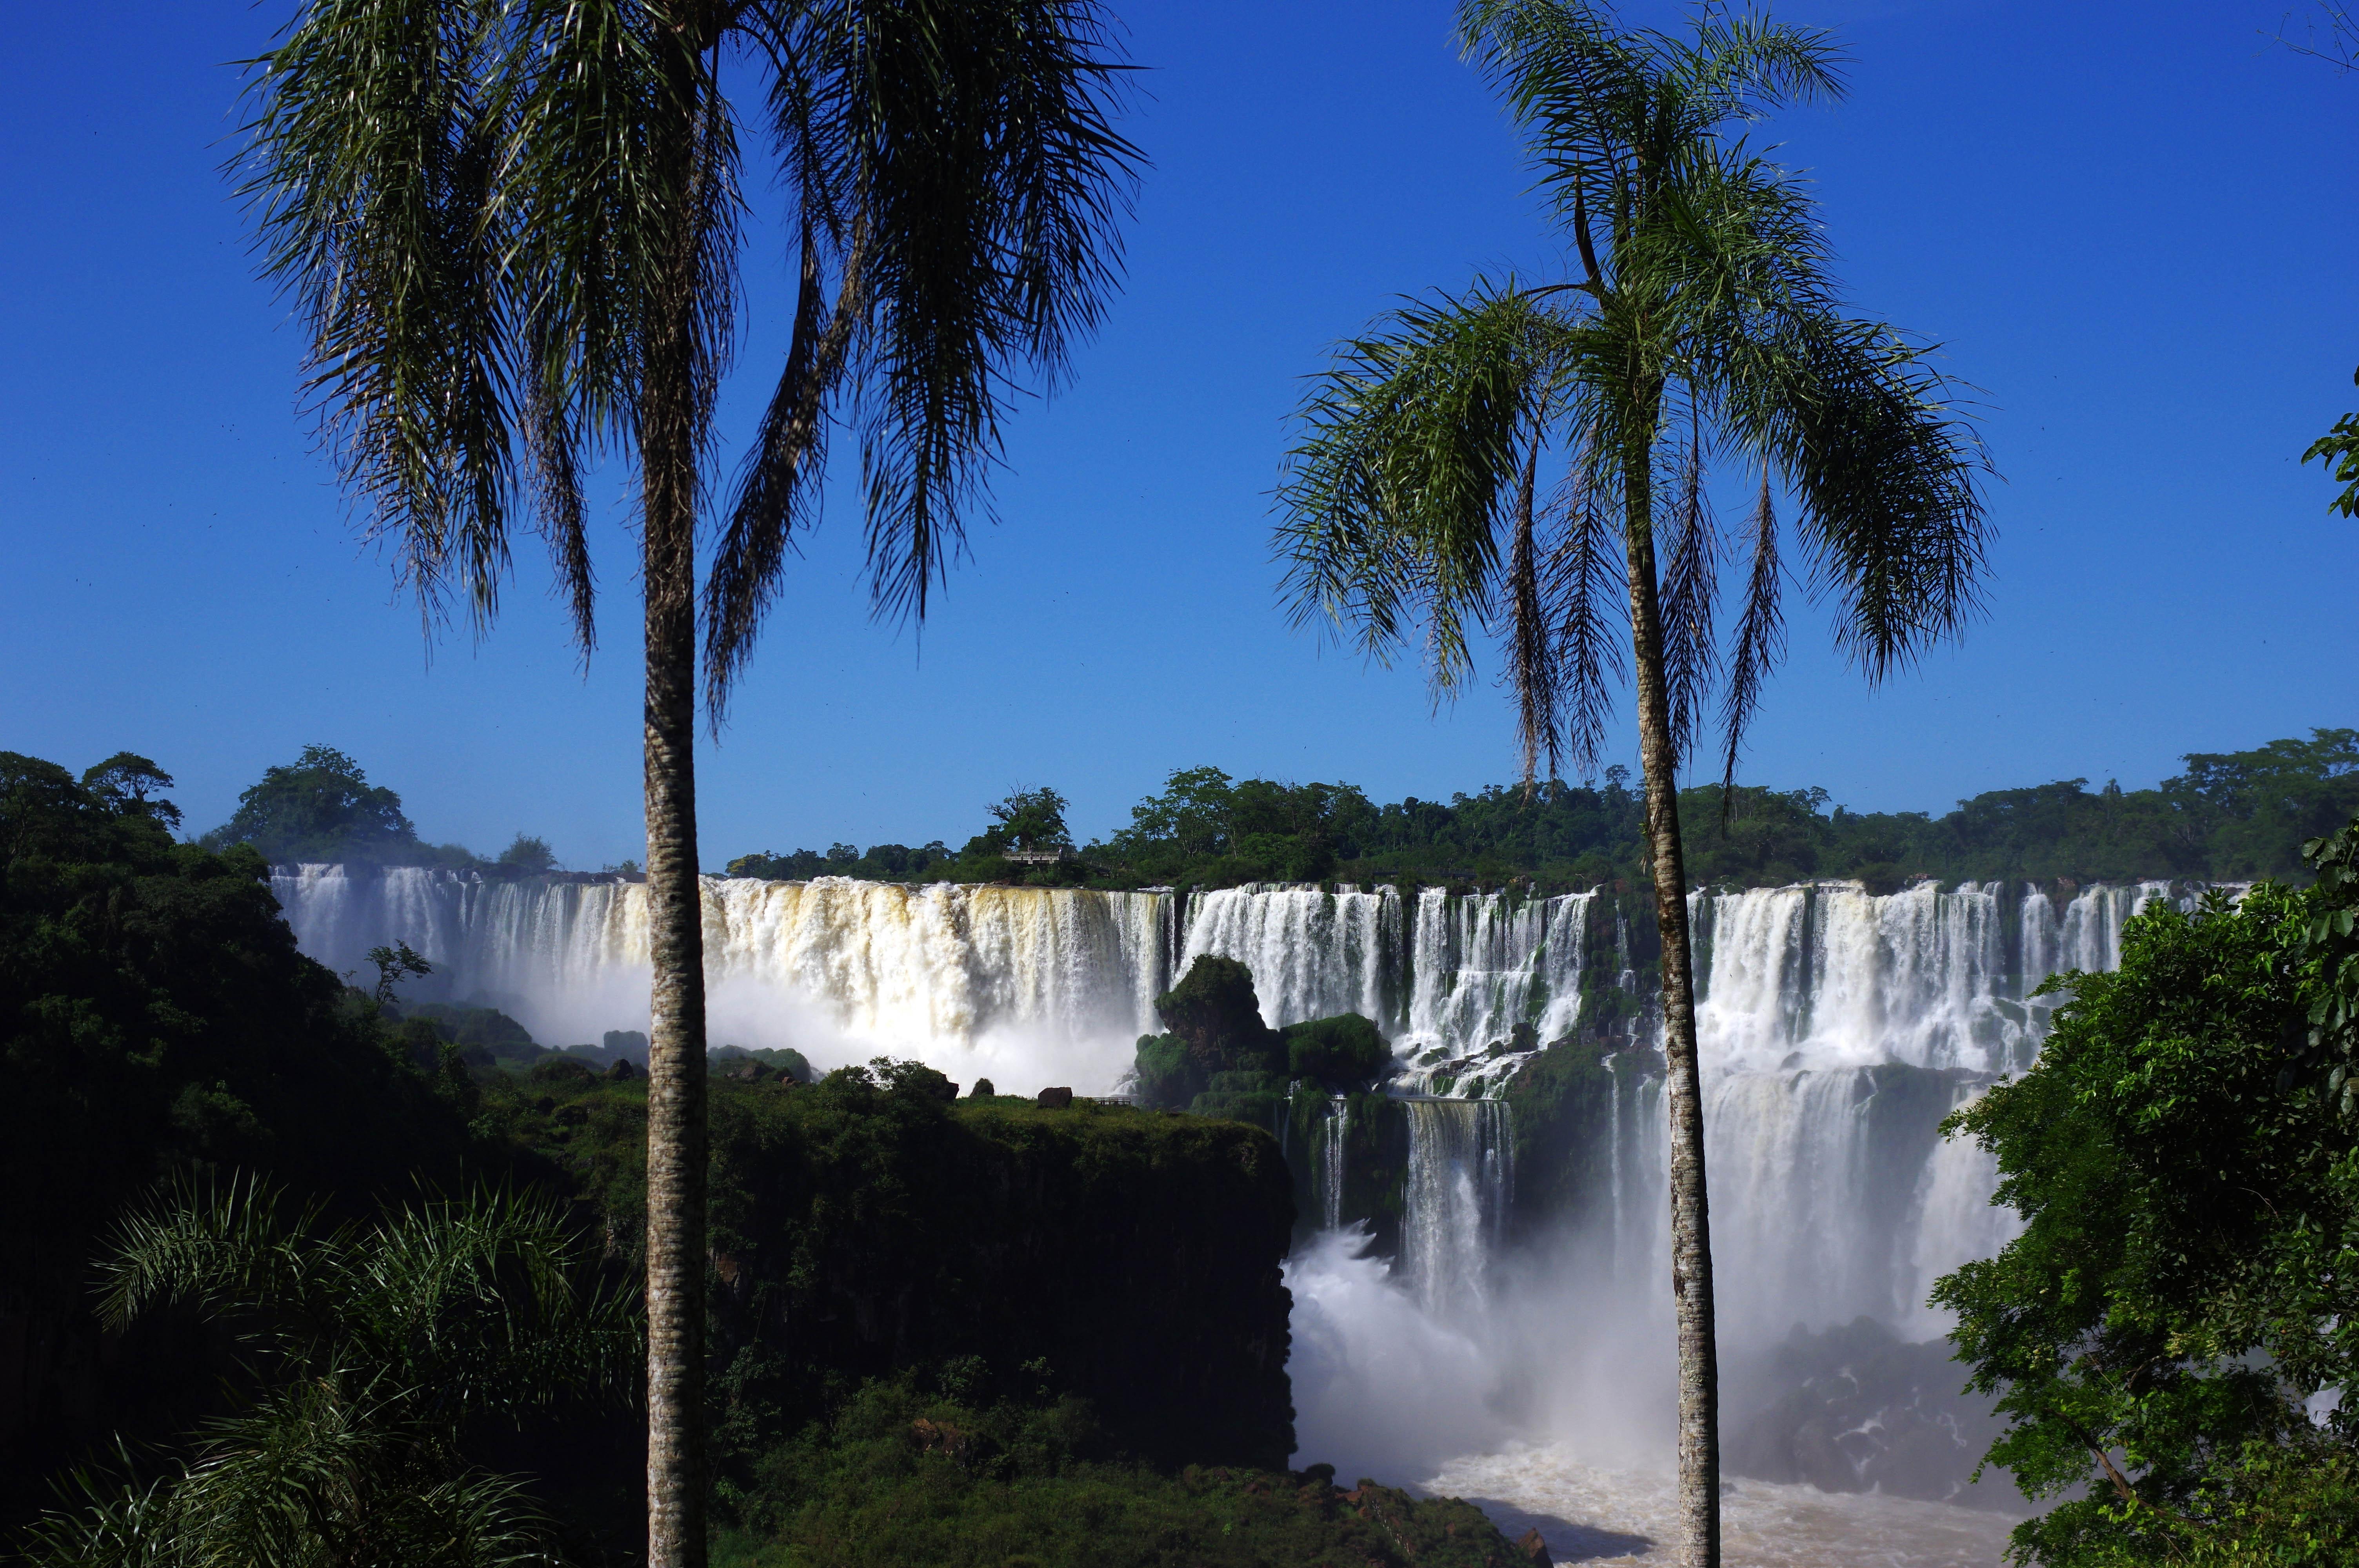 171212_Iguazu Cataratas18